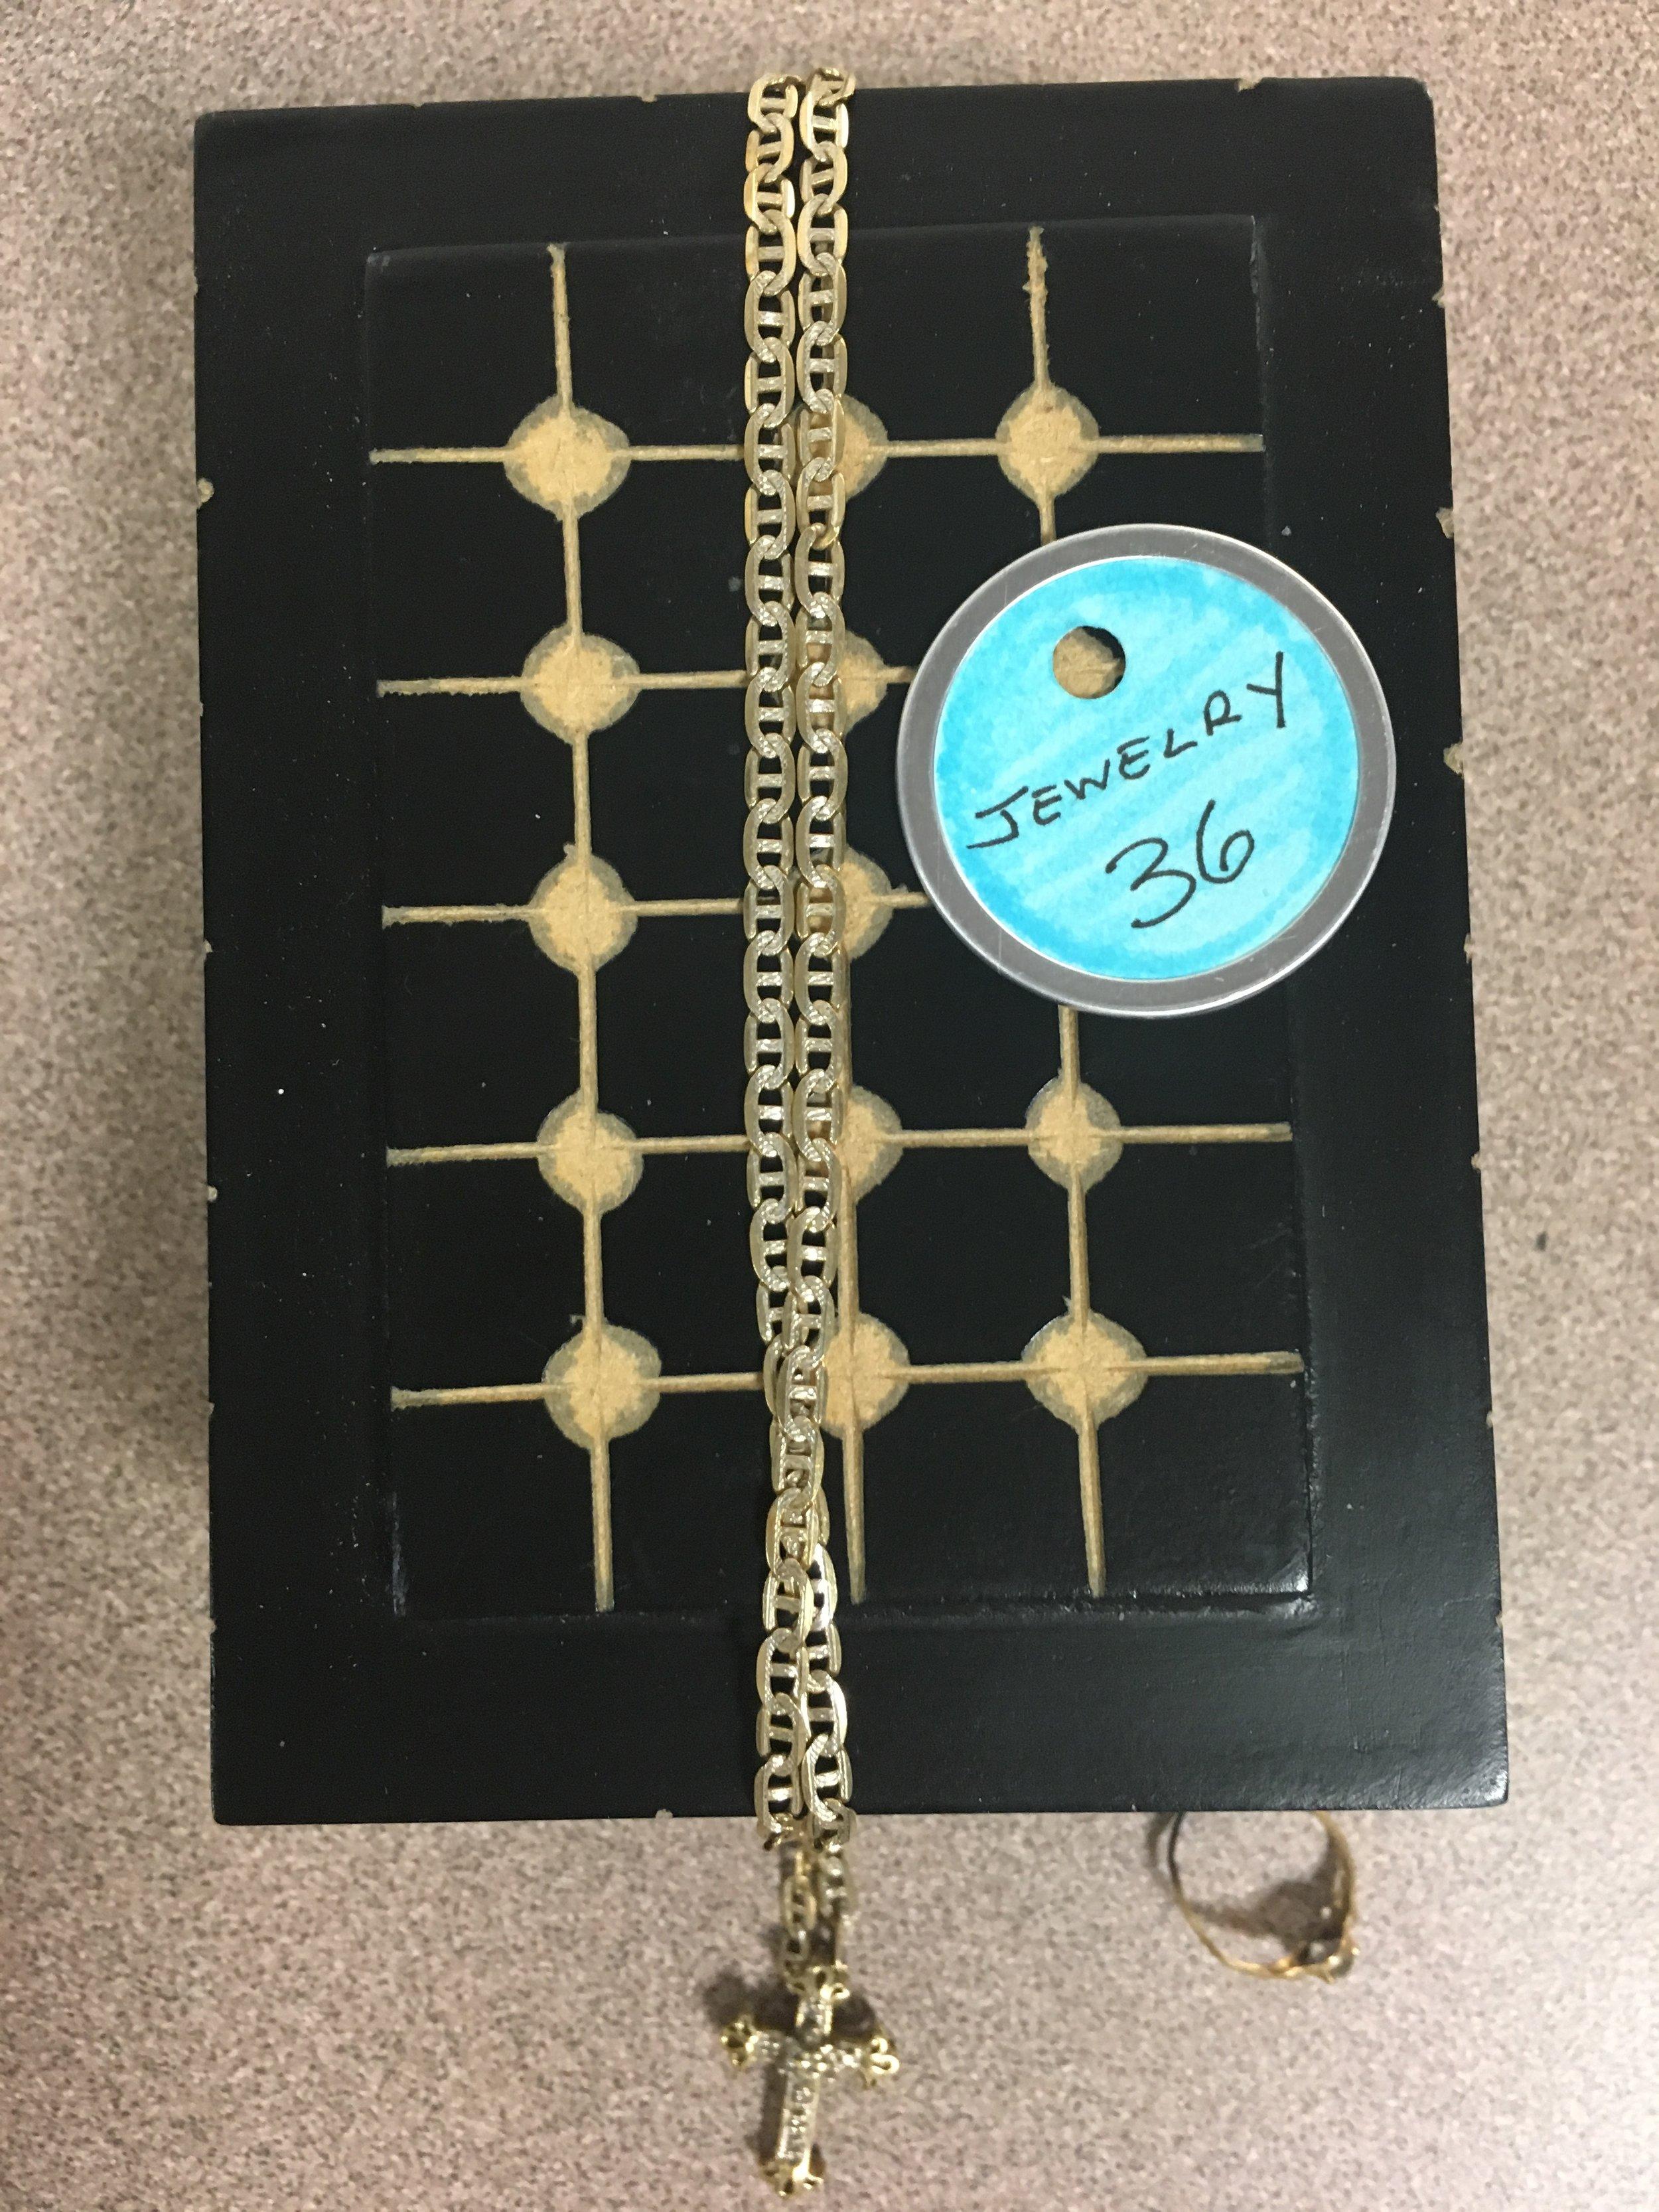 FOTM (Tie) / Jewelry - John Dyer